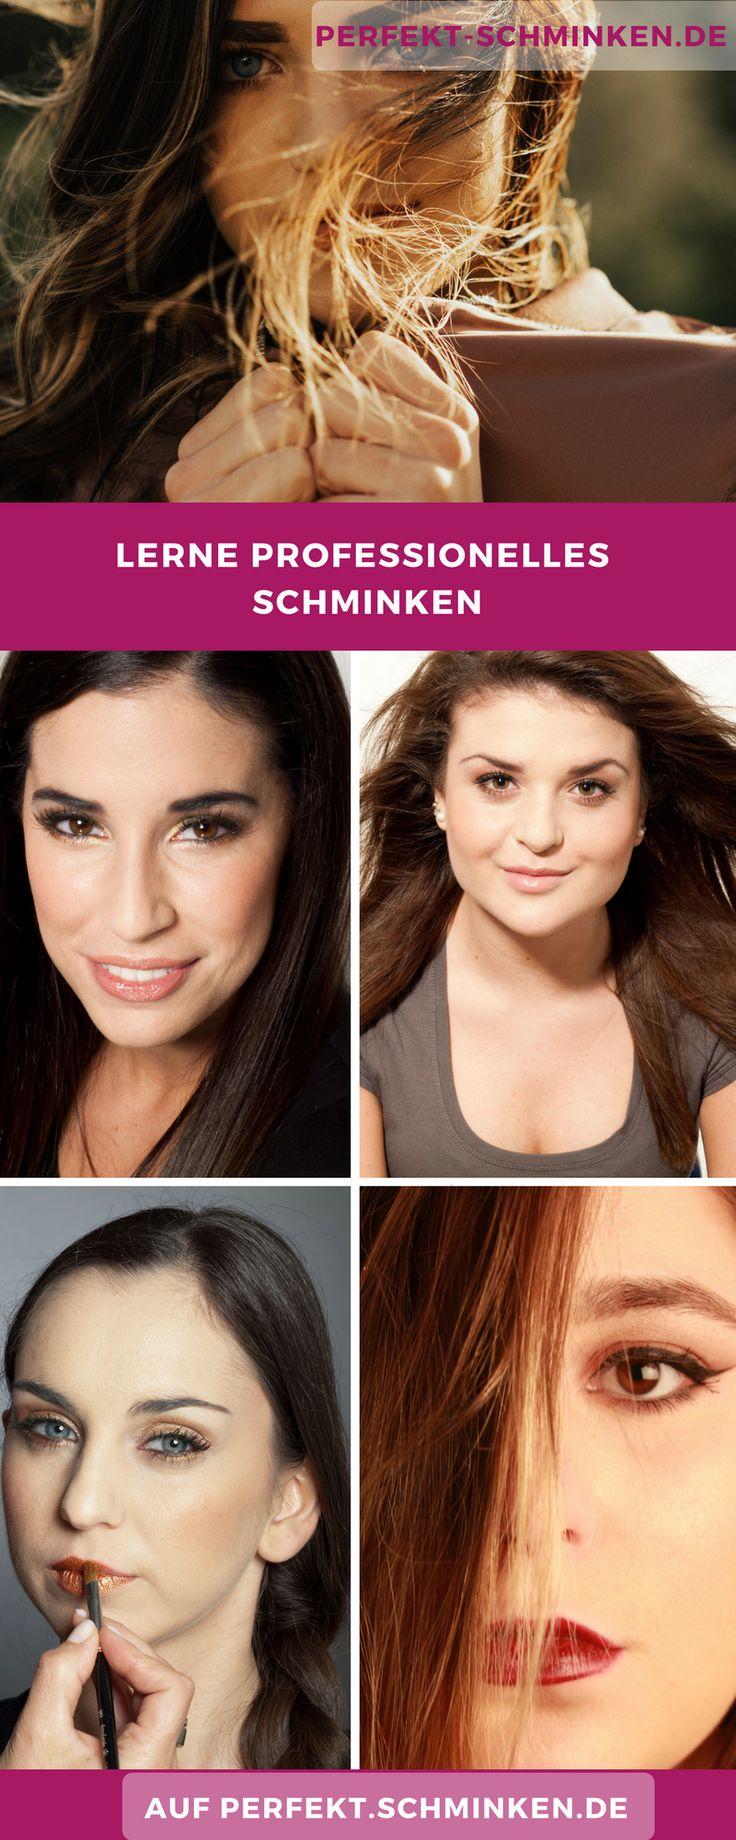 Du willst professionell schminken lernen? Bei uns kannst du es tun!